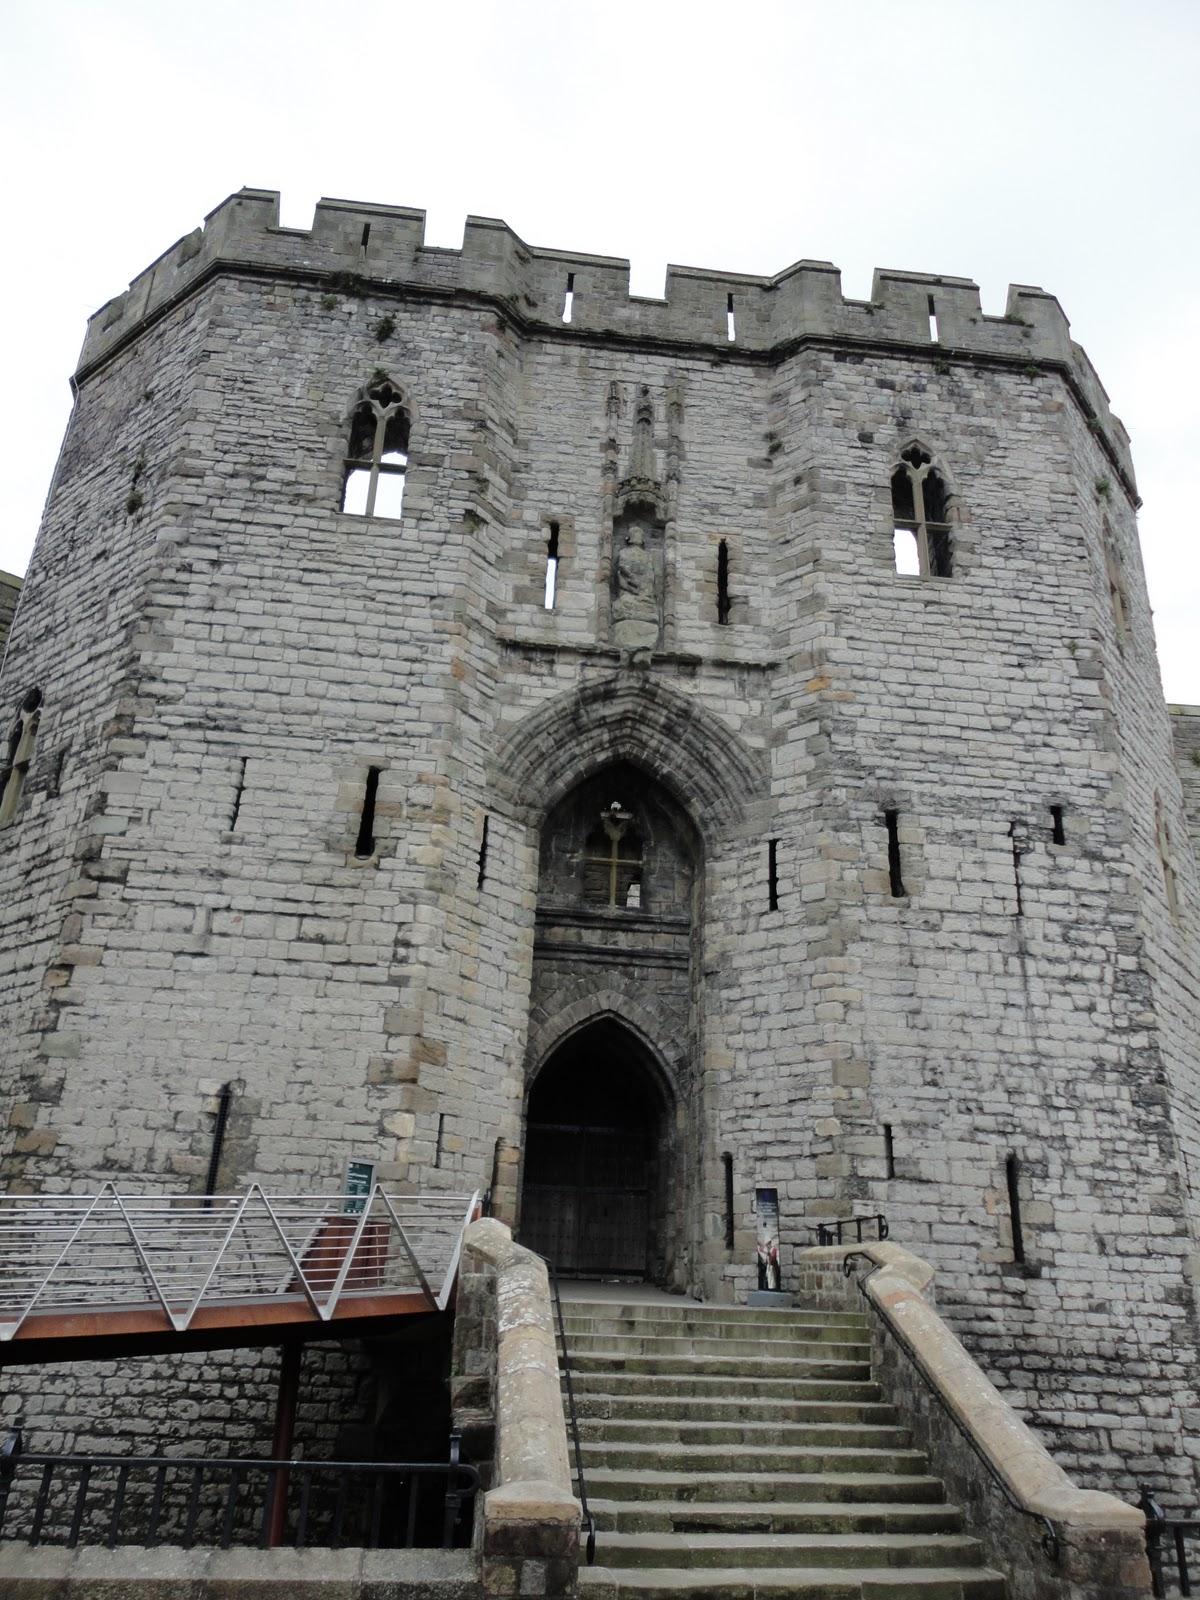 Caernarfon castle as you like it